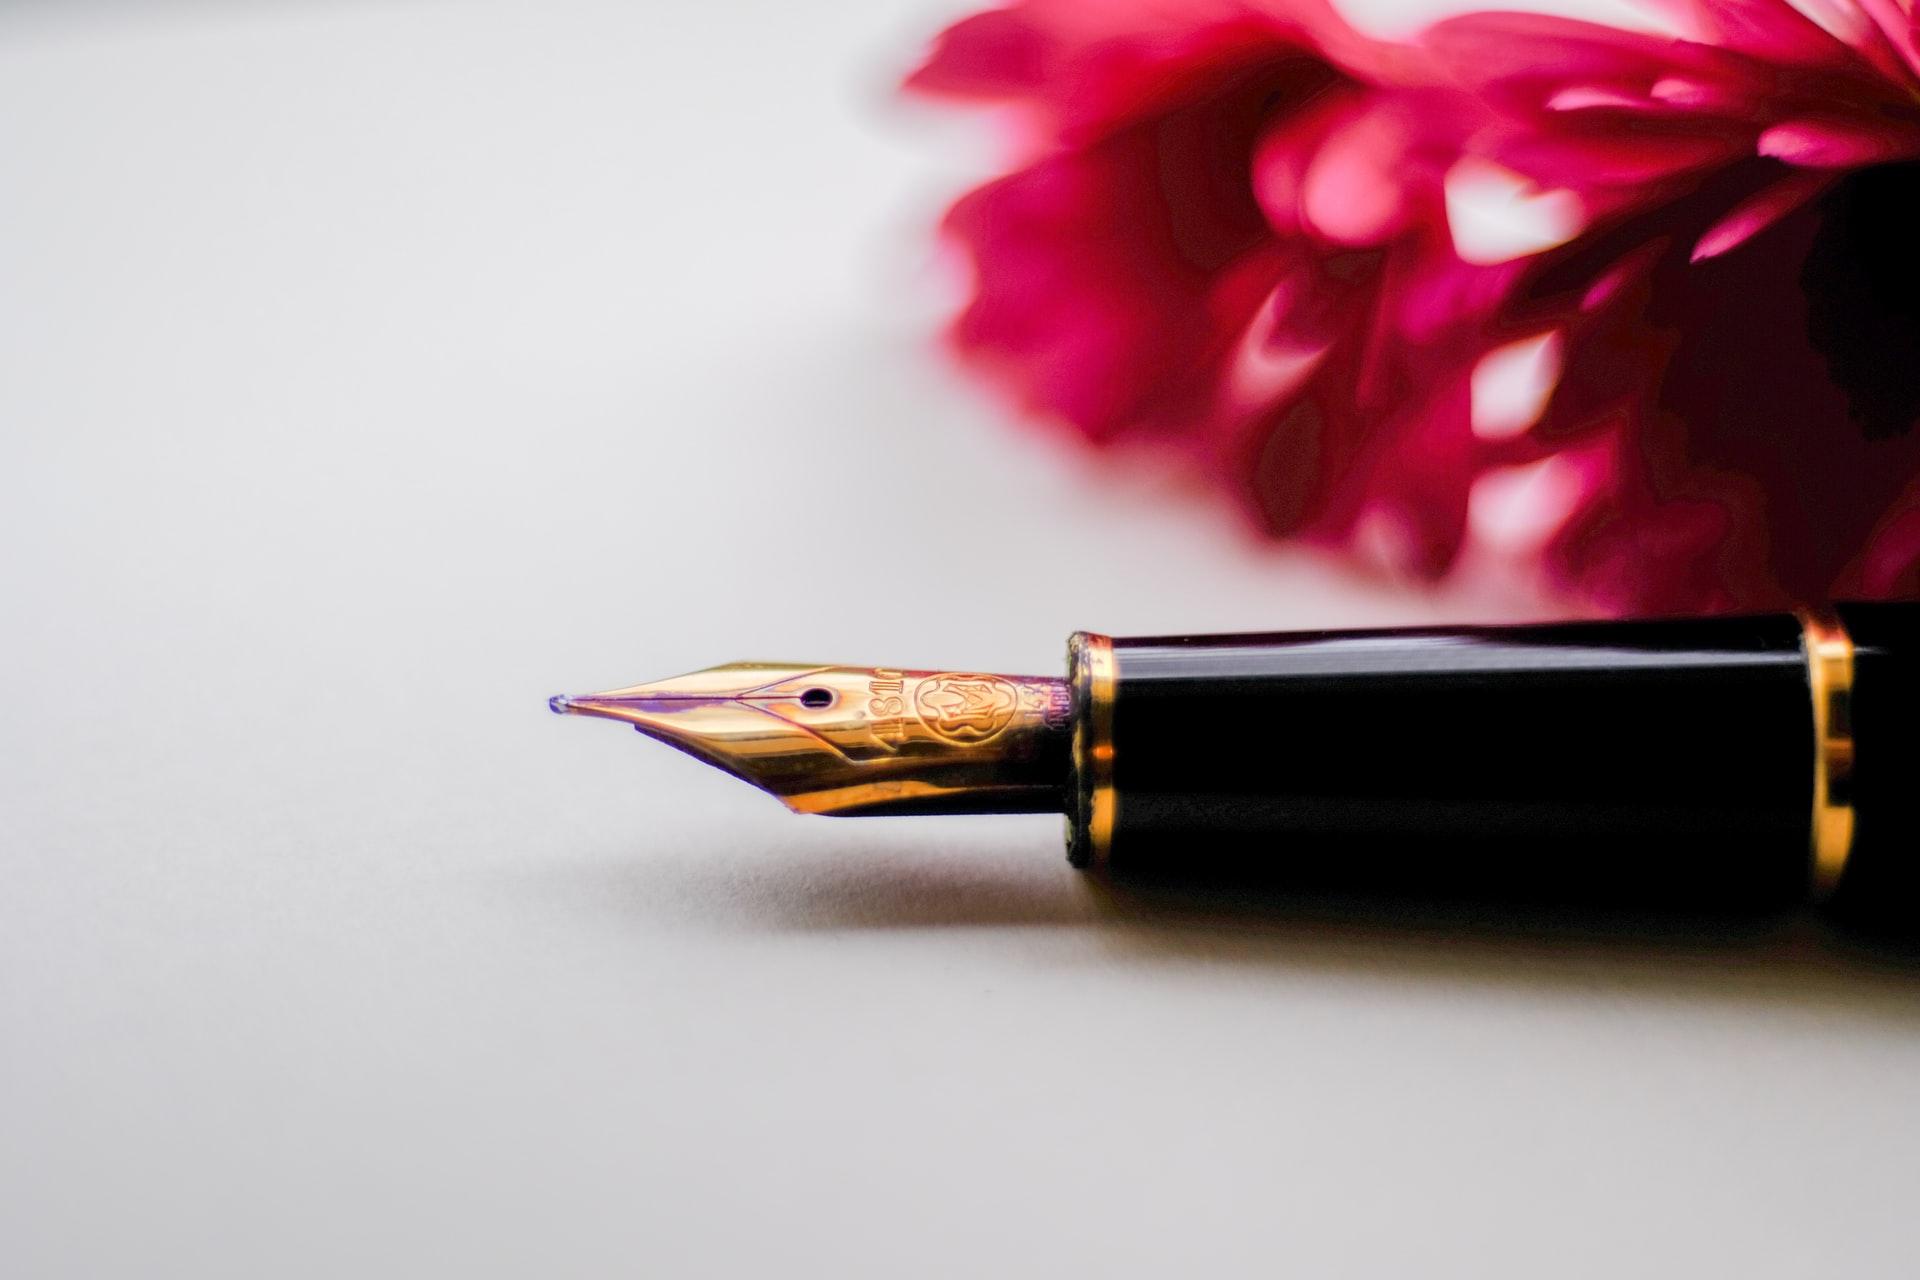 万年筆が白い紙の上に置かれている。